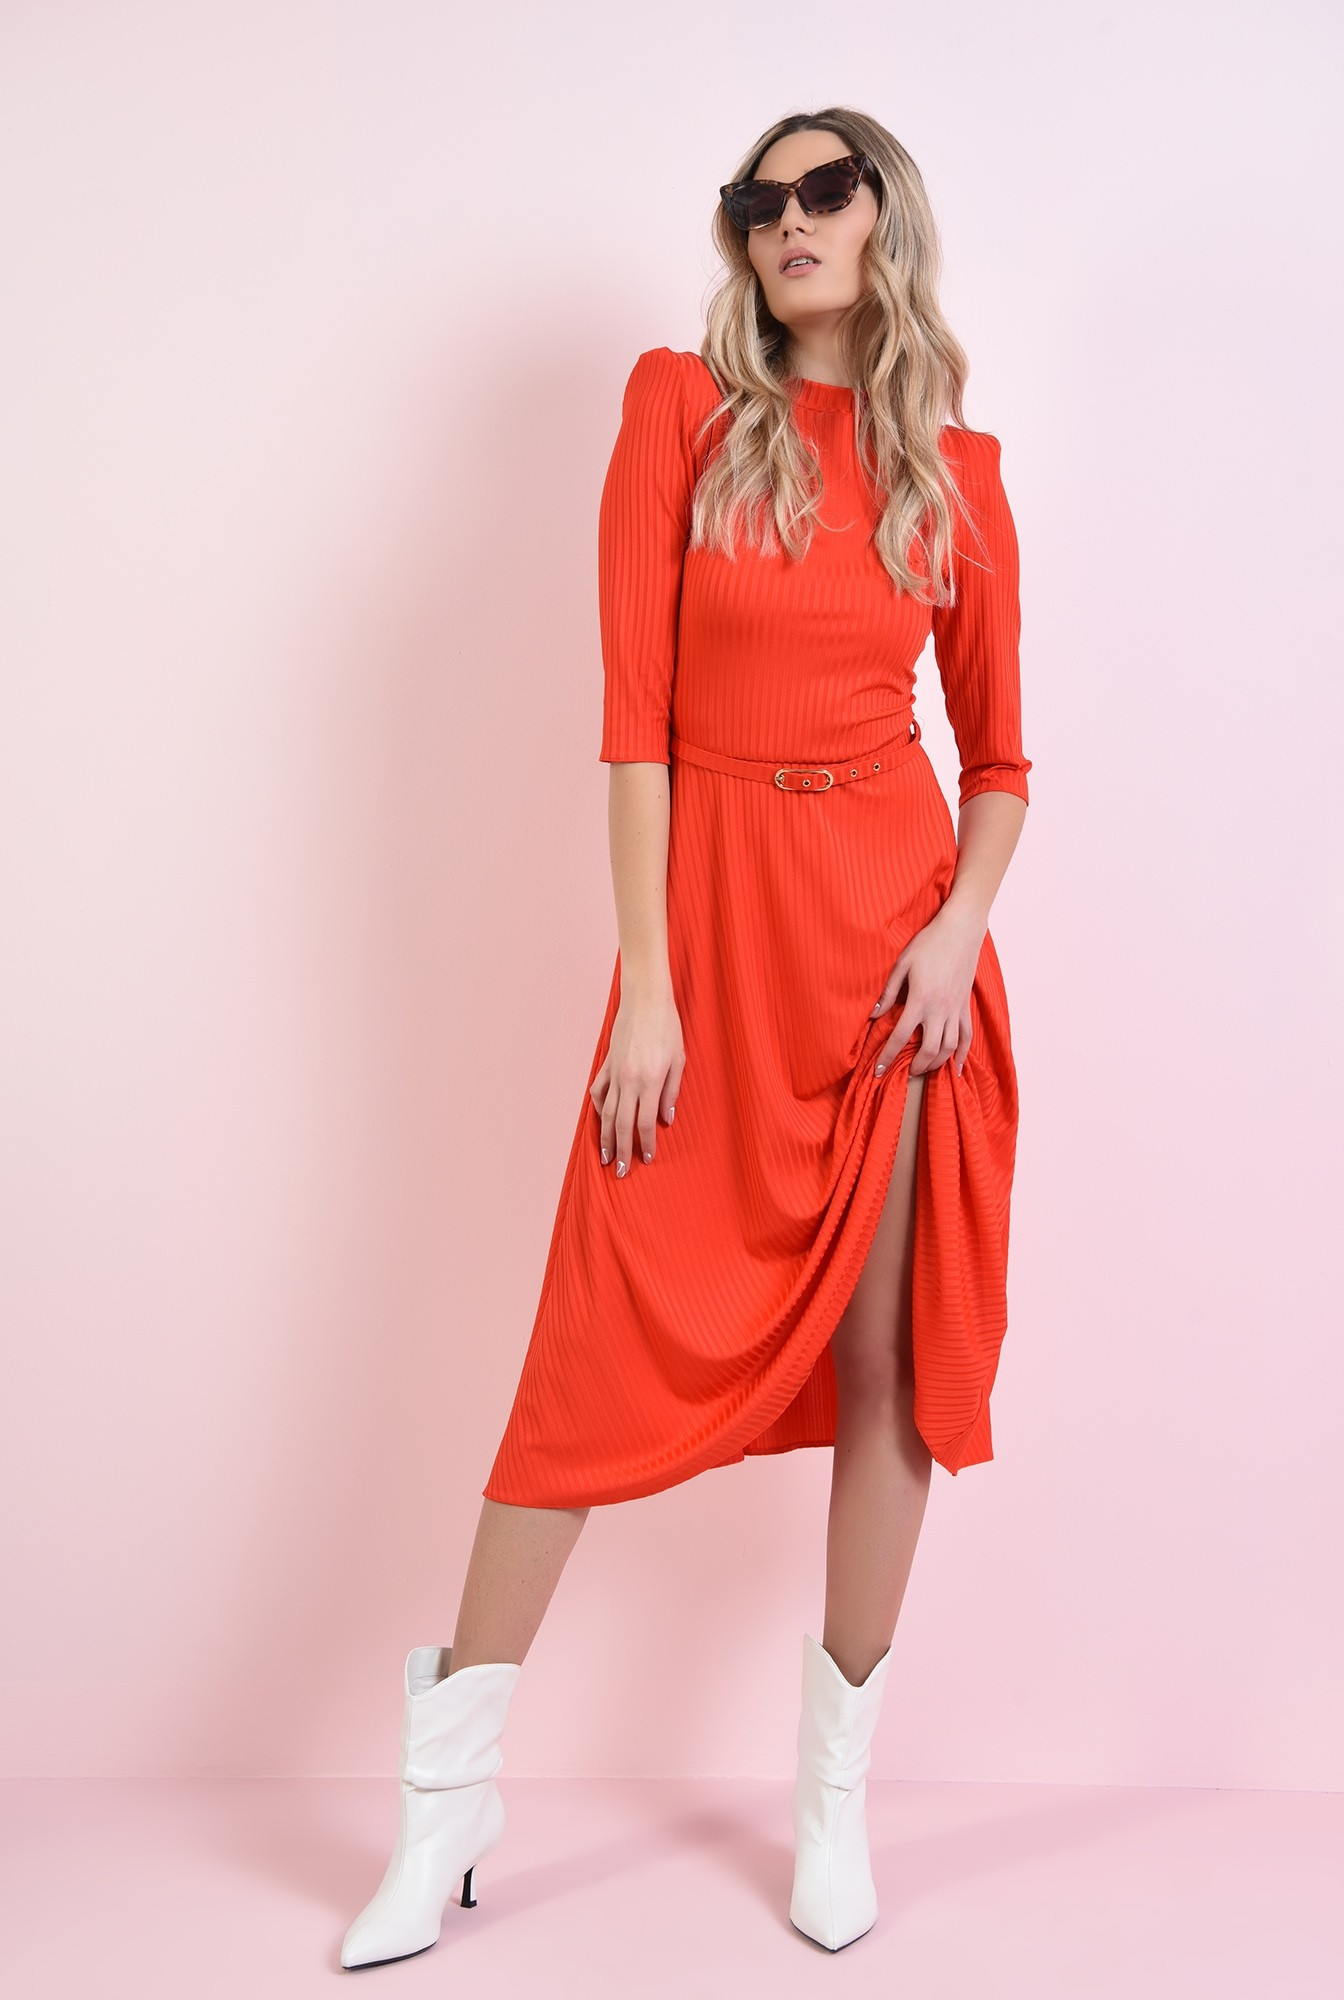 0 - rochie rosie, evazata, cu centura